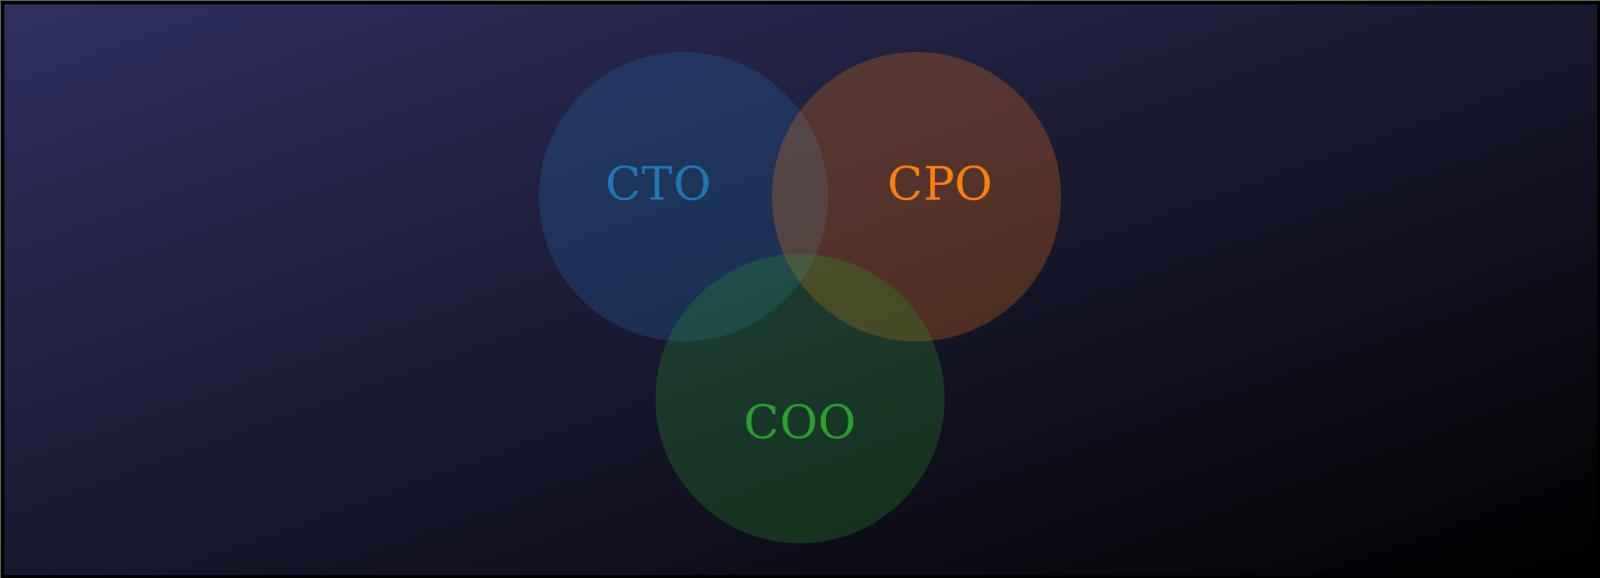 Verantwortlichkeiten der Führungsebene